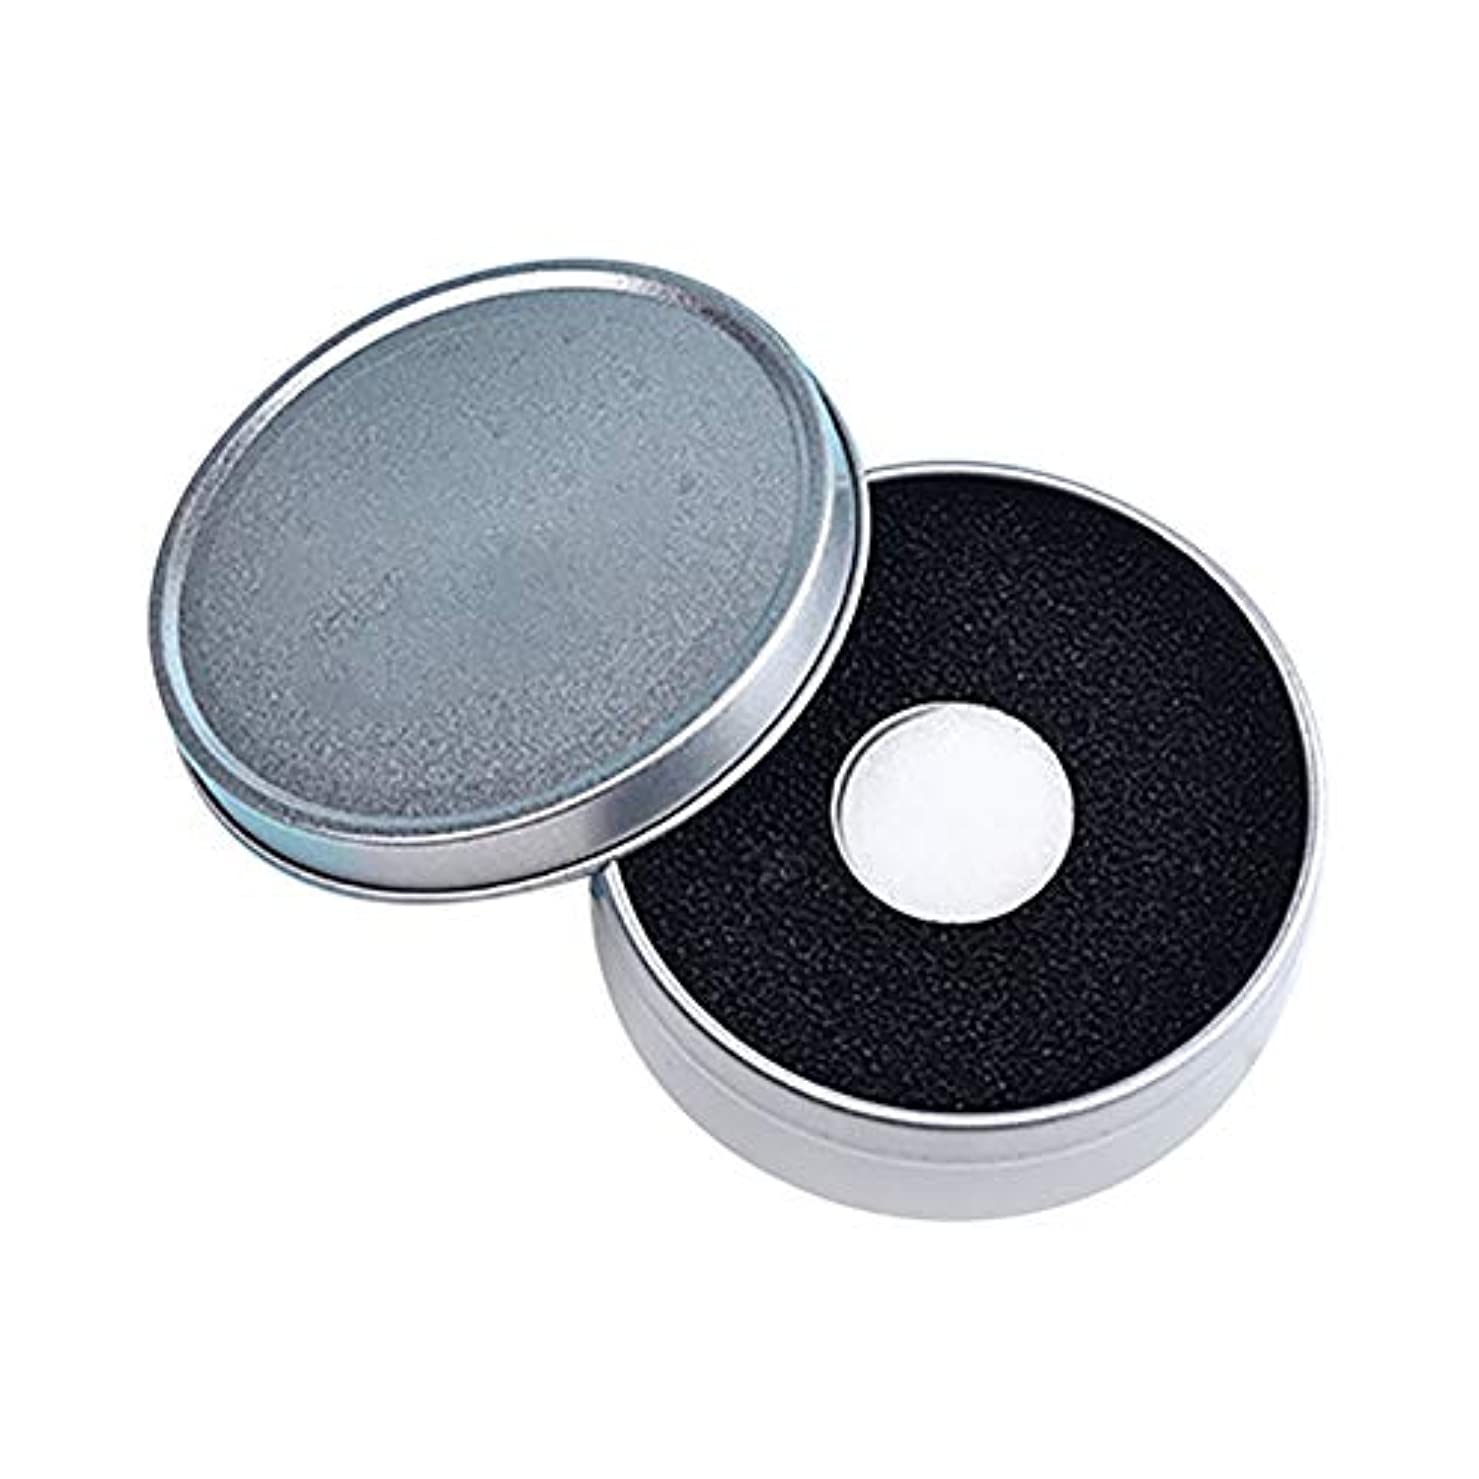 彫る金銭的蒸留するLITI メイクブラシ クリーナー ブラッシュブラシ ドライクリーニングスポンジ 迅速なクリーニングスポンジ 水が必要ないブラシ (黒+白)